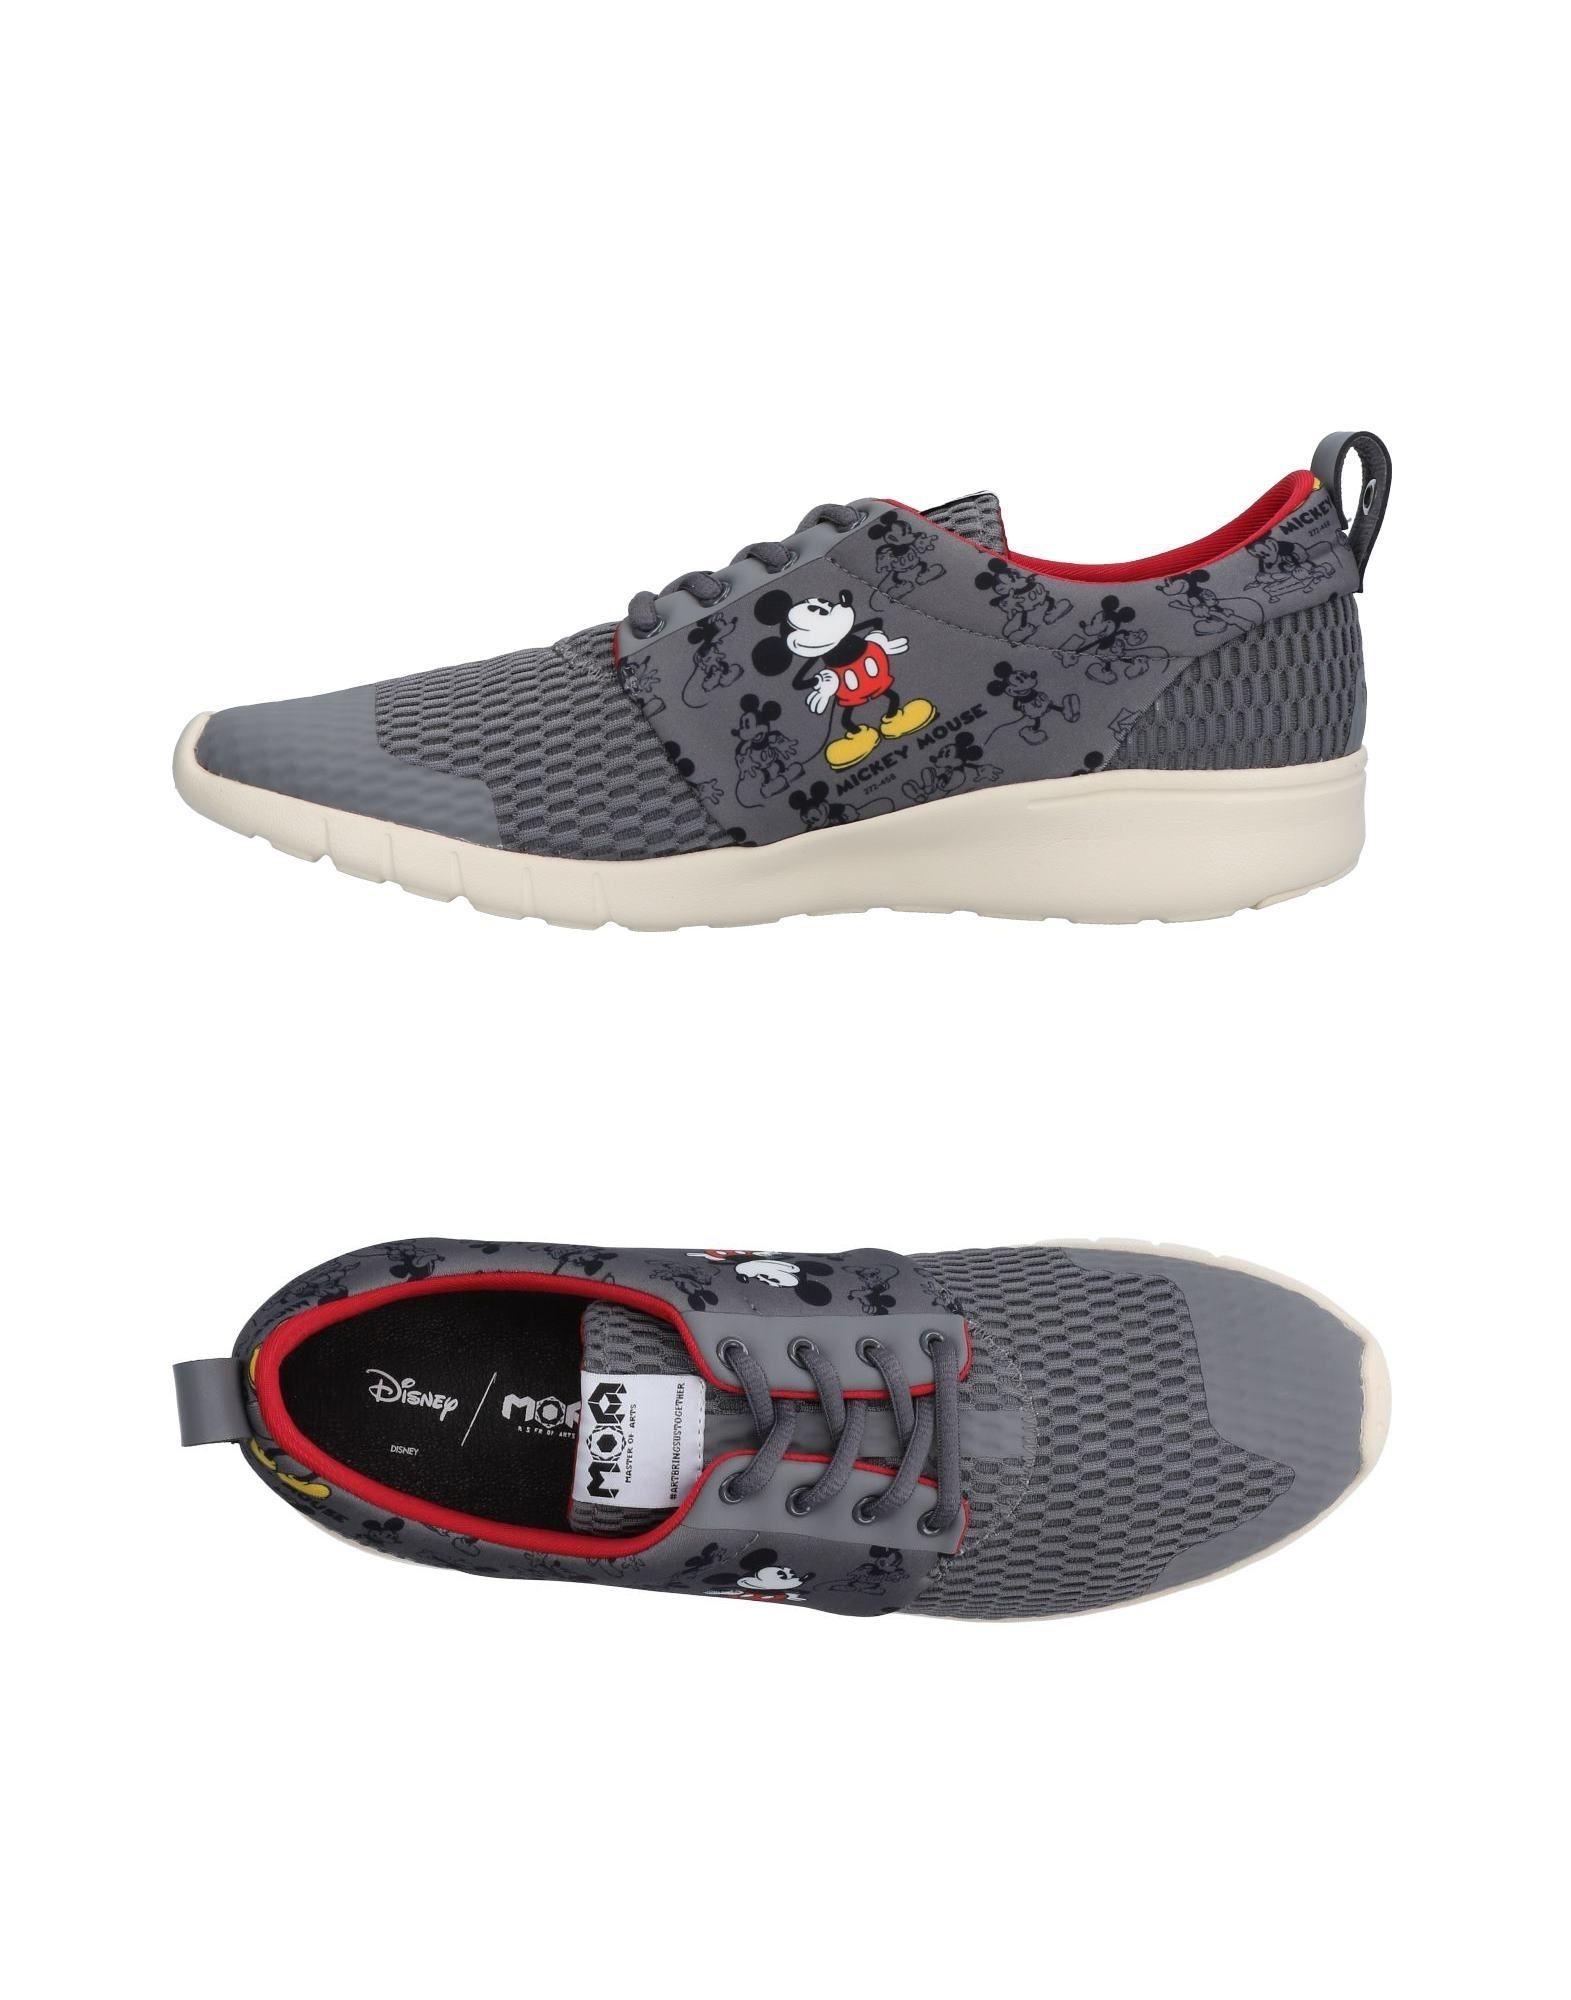 Sneakers Moa Master Of Arts Homme - Sneakers  Moa Master Of Arts  Sneakers Gris Nouvelles chaussures pour hommes et femmes, remise limitée dans le temps 69c1b1